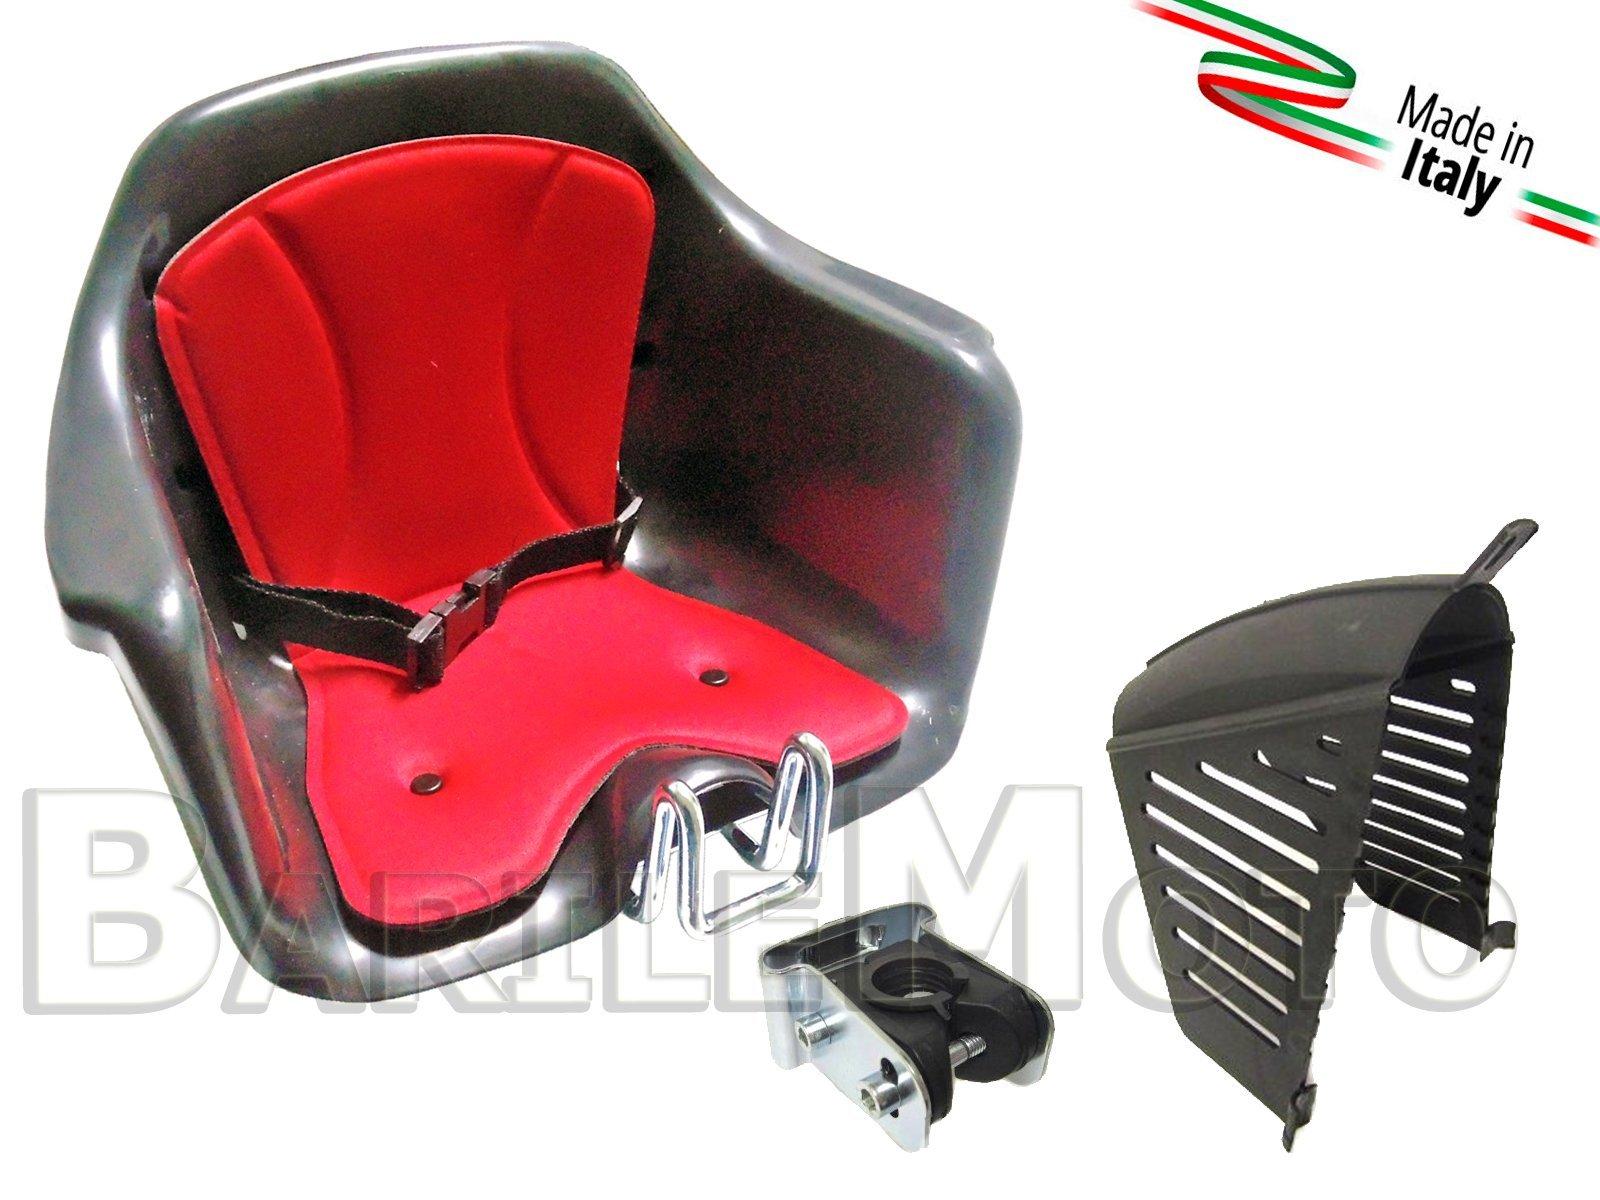 Silla portabebés para manillares de bicicleta + Protección HTP Milù, negro y rojo: Amazon.es: Deportes y aire libre